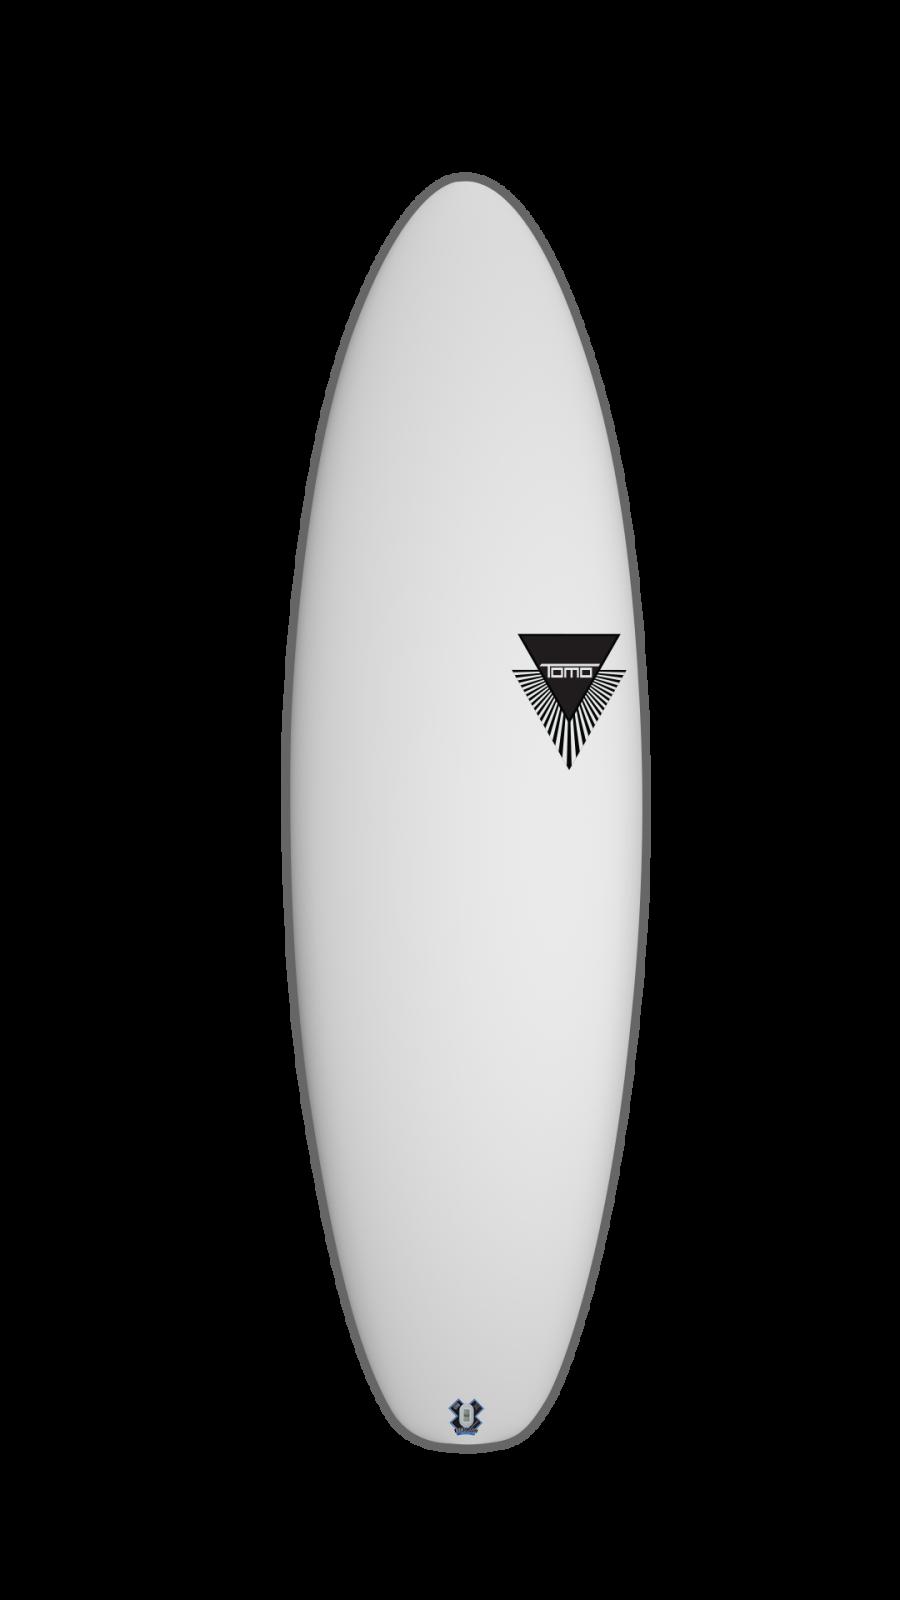 TOMO HE Hydroshort Surfboard